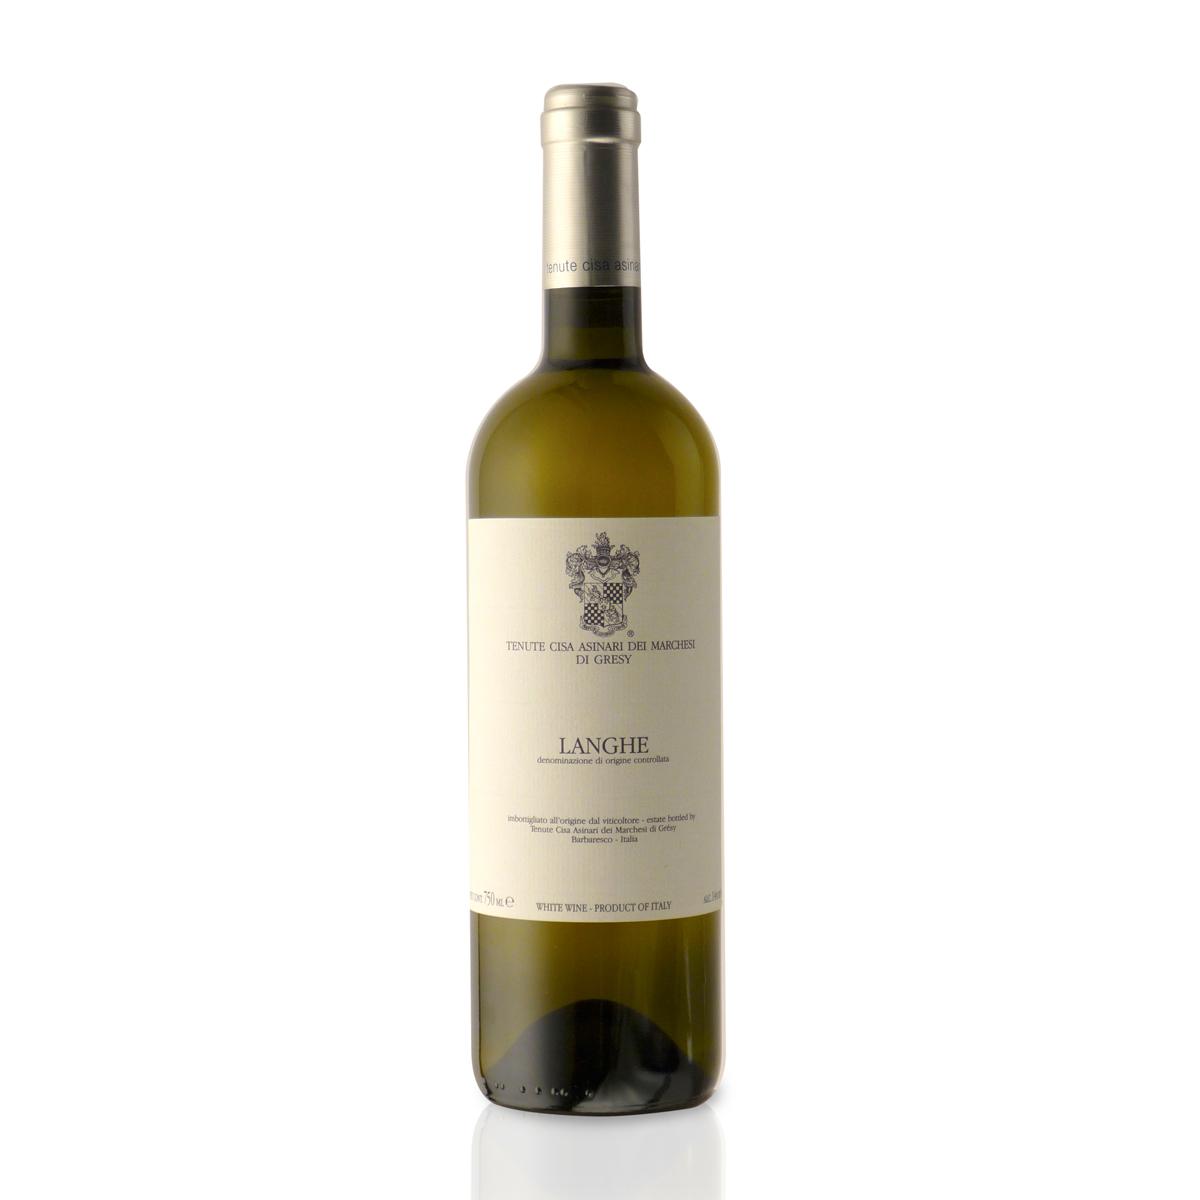 Langhe Sauvignon - Vini Bianchi del Piemonte - Privilege Wine